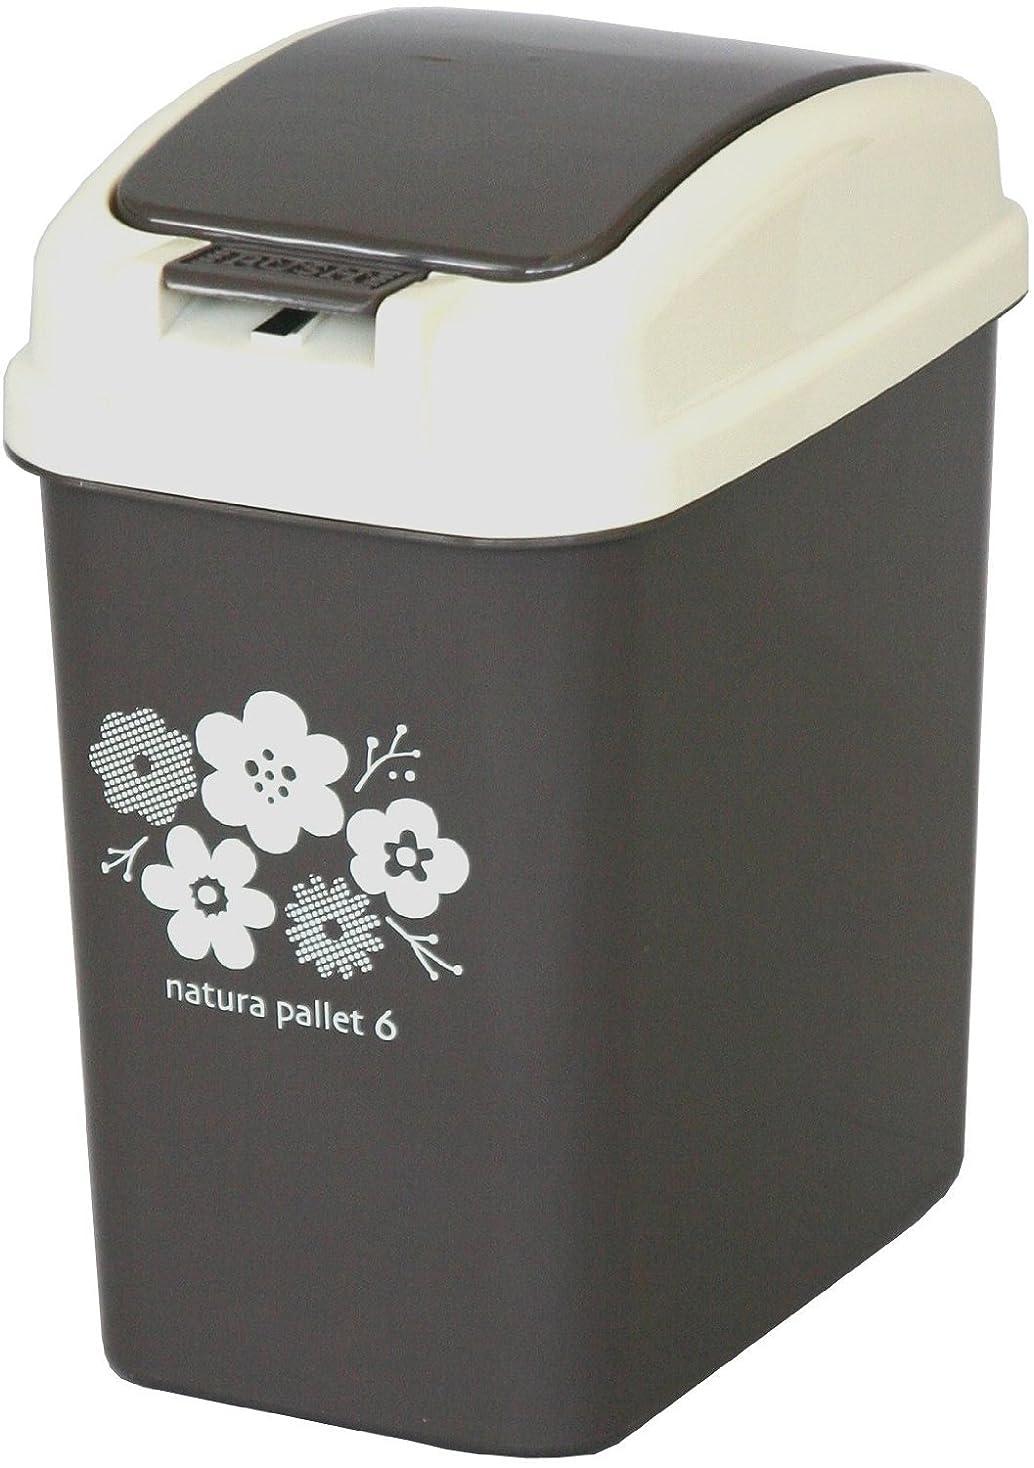 ホップ正気細心の平和工業 ゴミ箱 プッシュペール 6L チョコレートブラウン